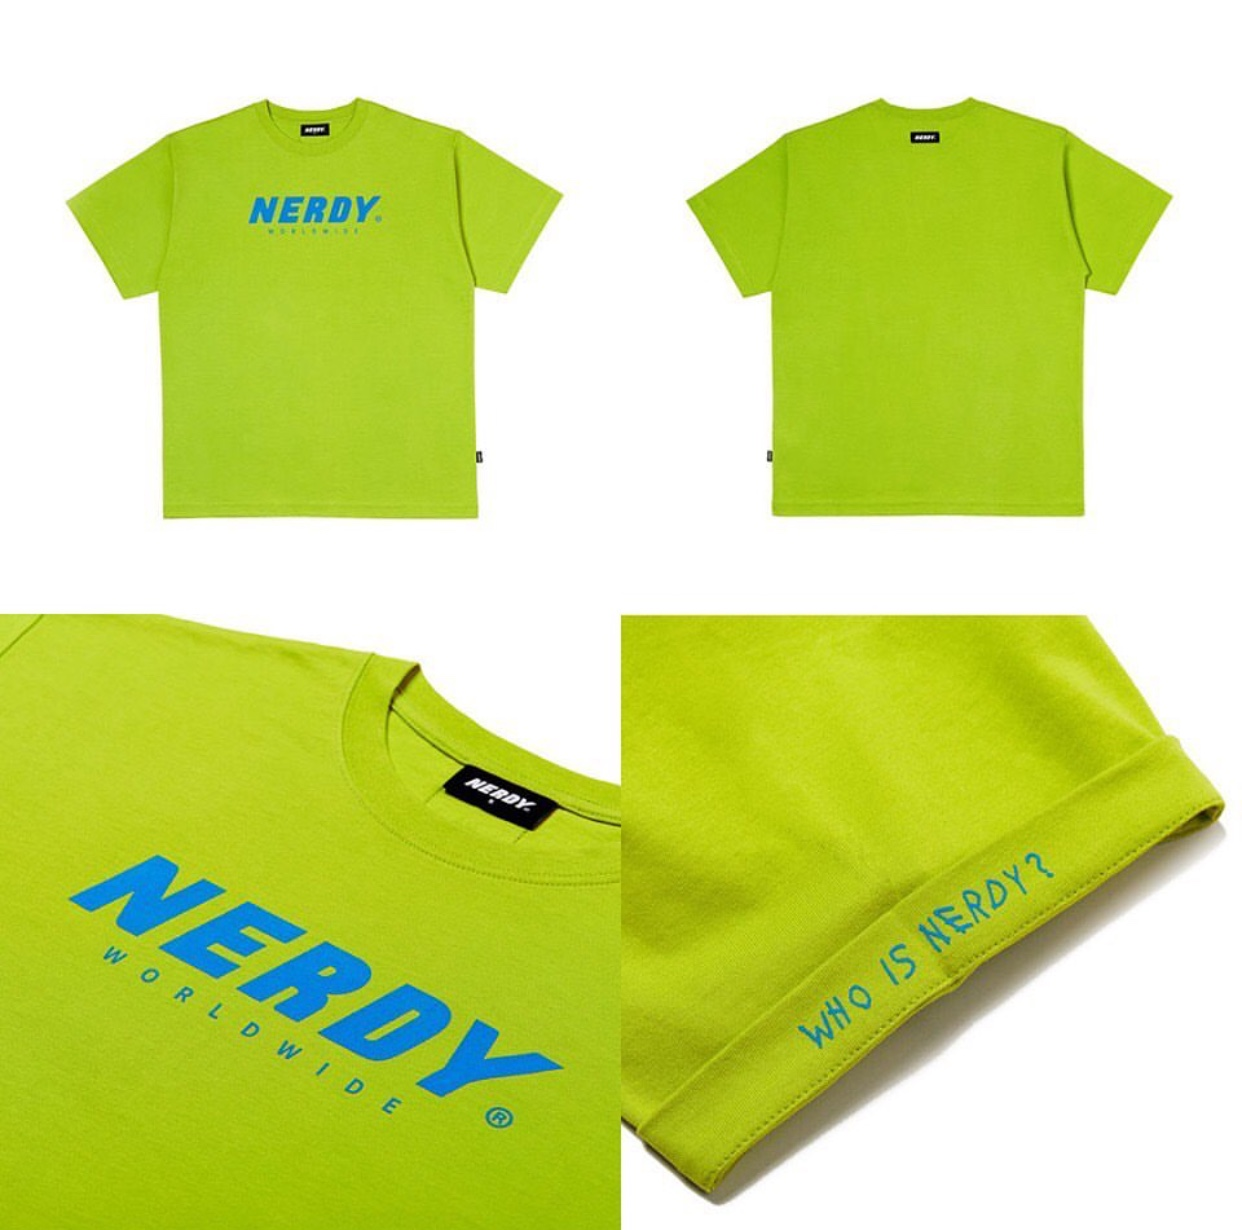 韩国潮牌nerdy敲好看不撞衫的牛油果绿荧光绿色短袖T恤情侣款女生